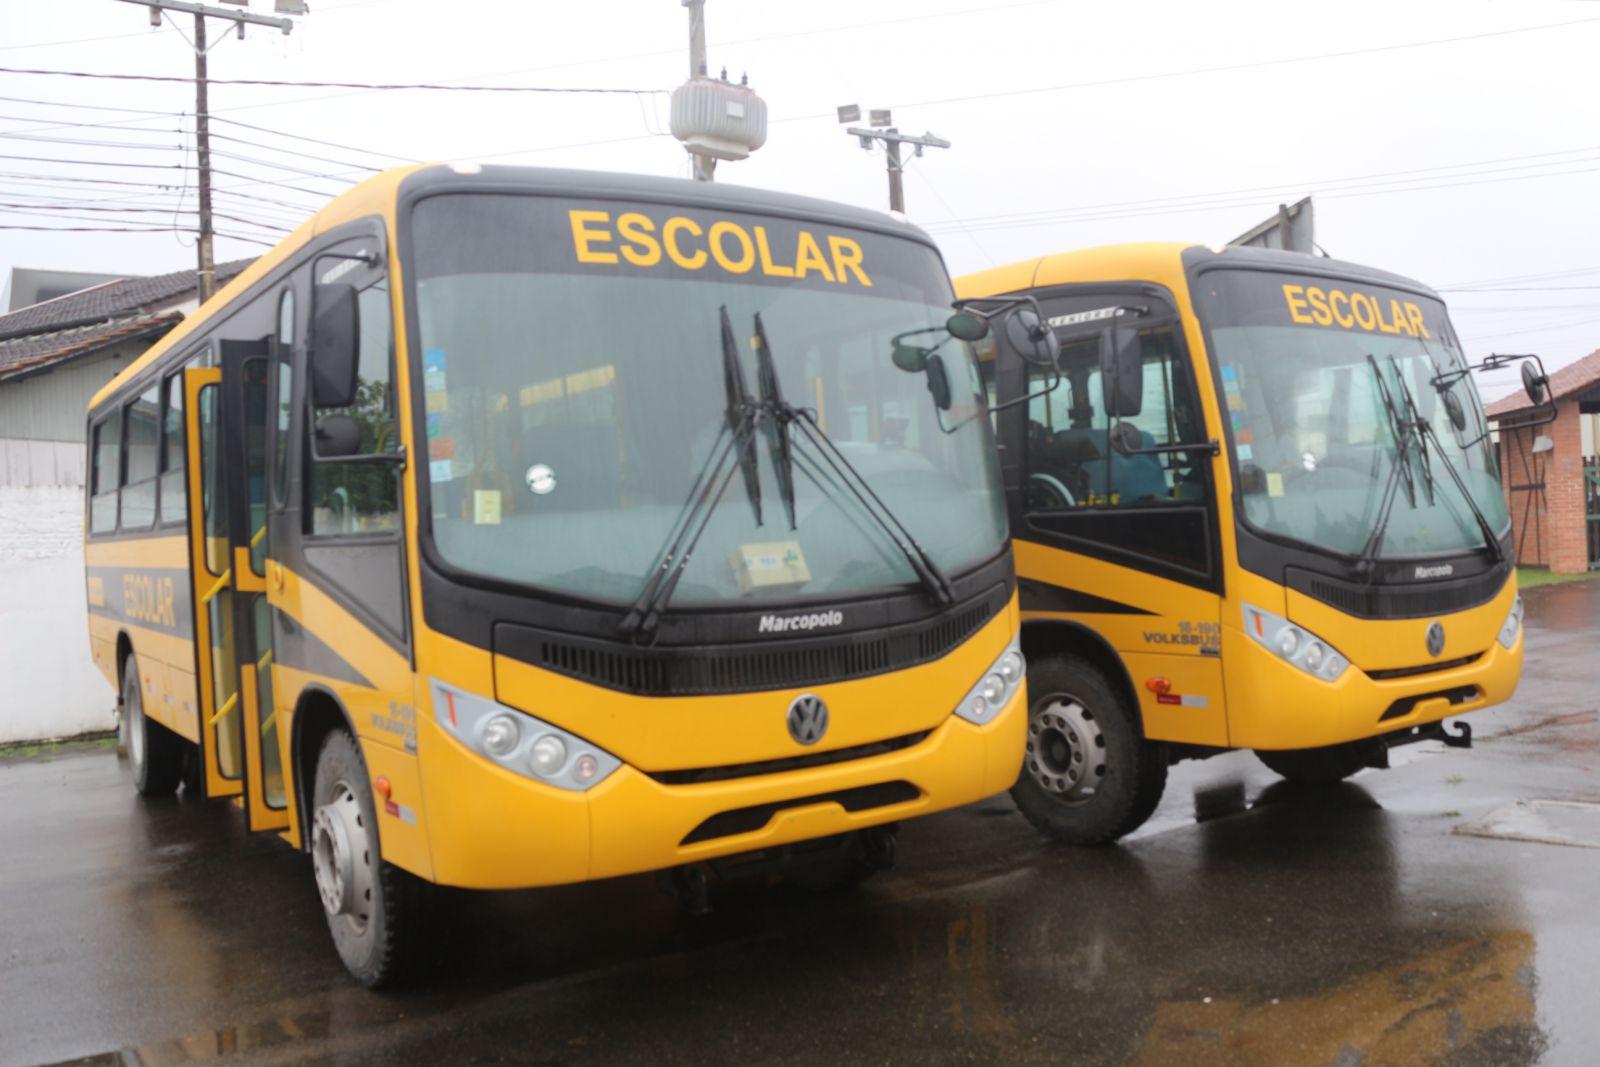 Educação recebe ônibus escolares do FNDE